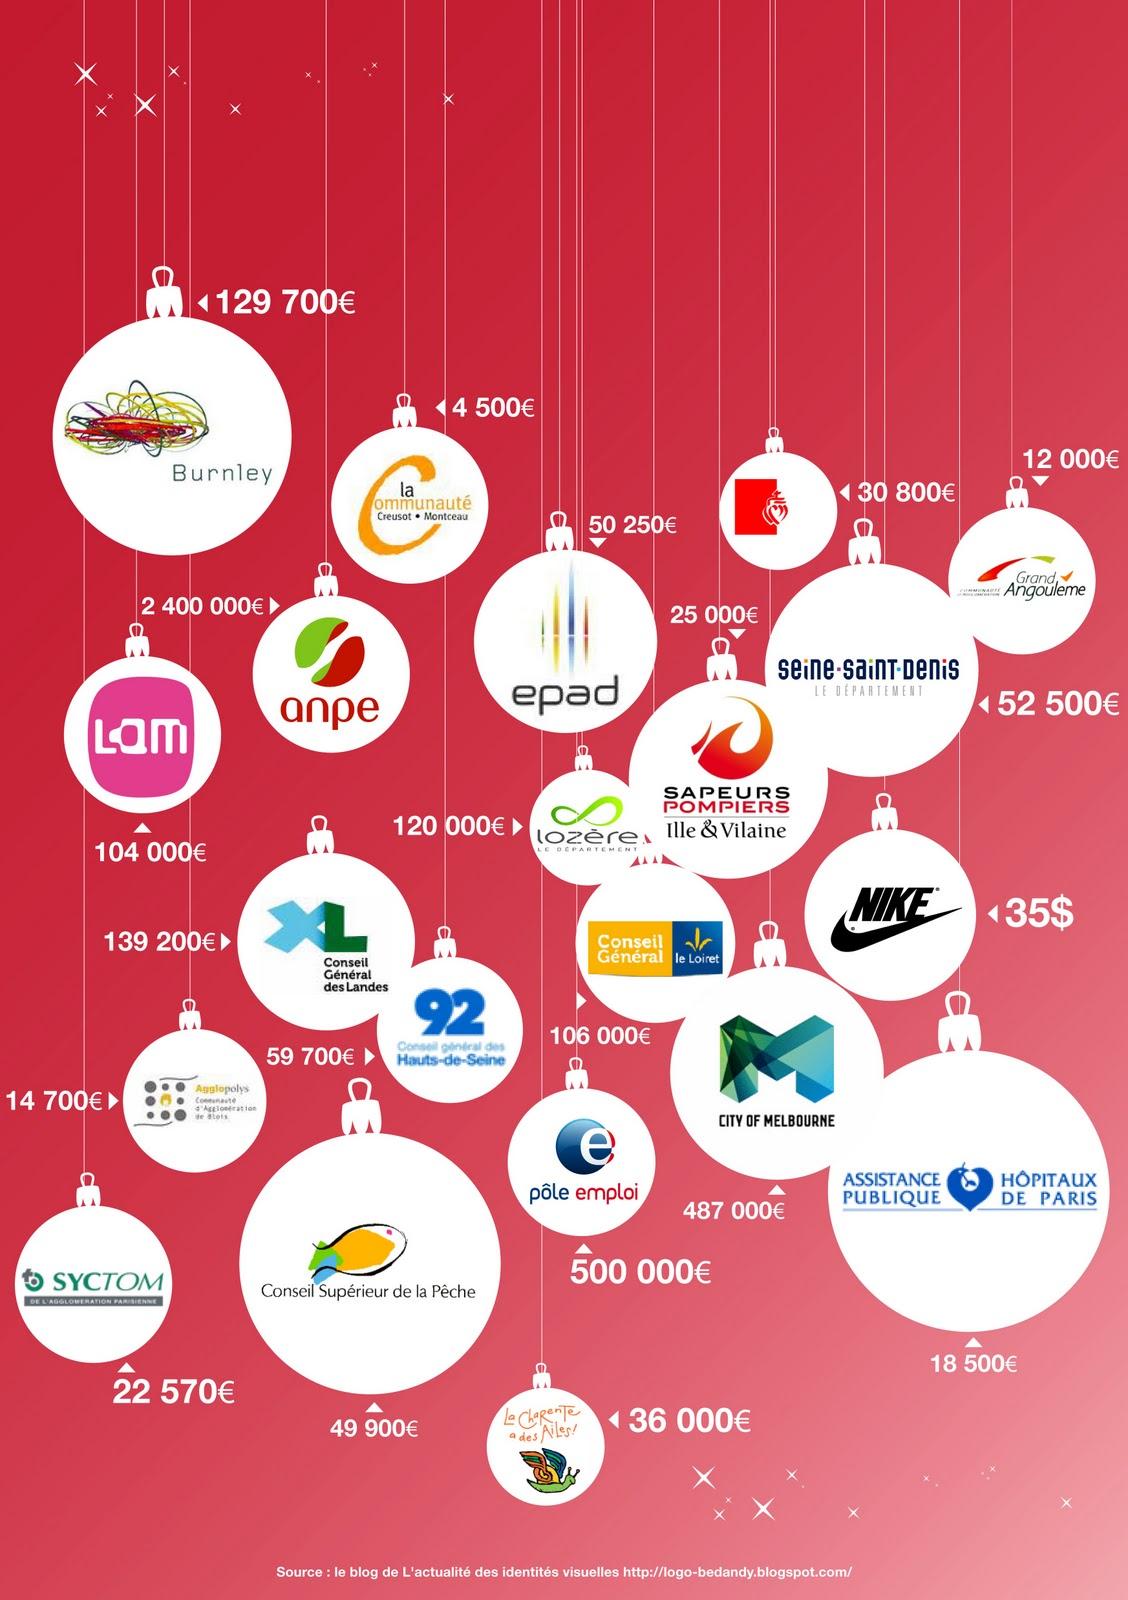 Le marché français de l'identité visuelle - Combien ça coute en France un logo ?